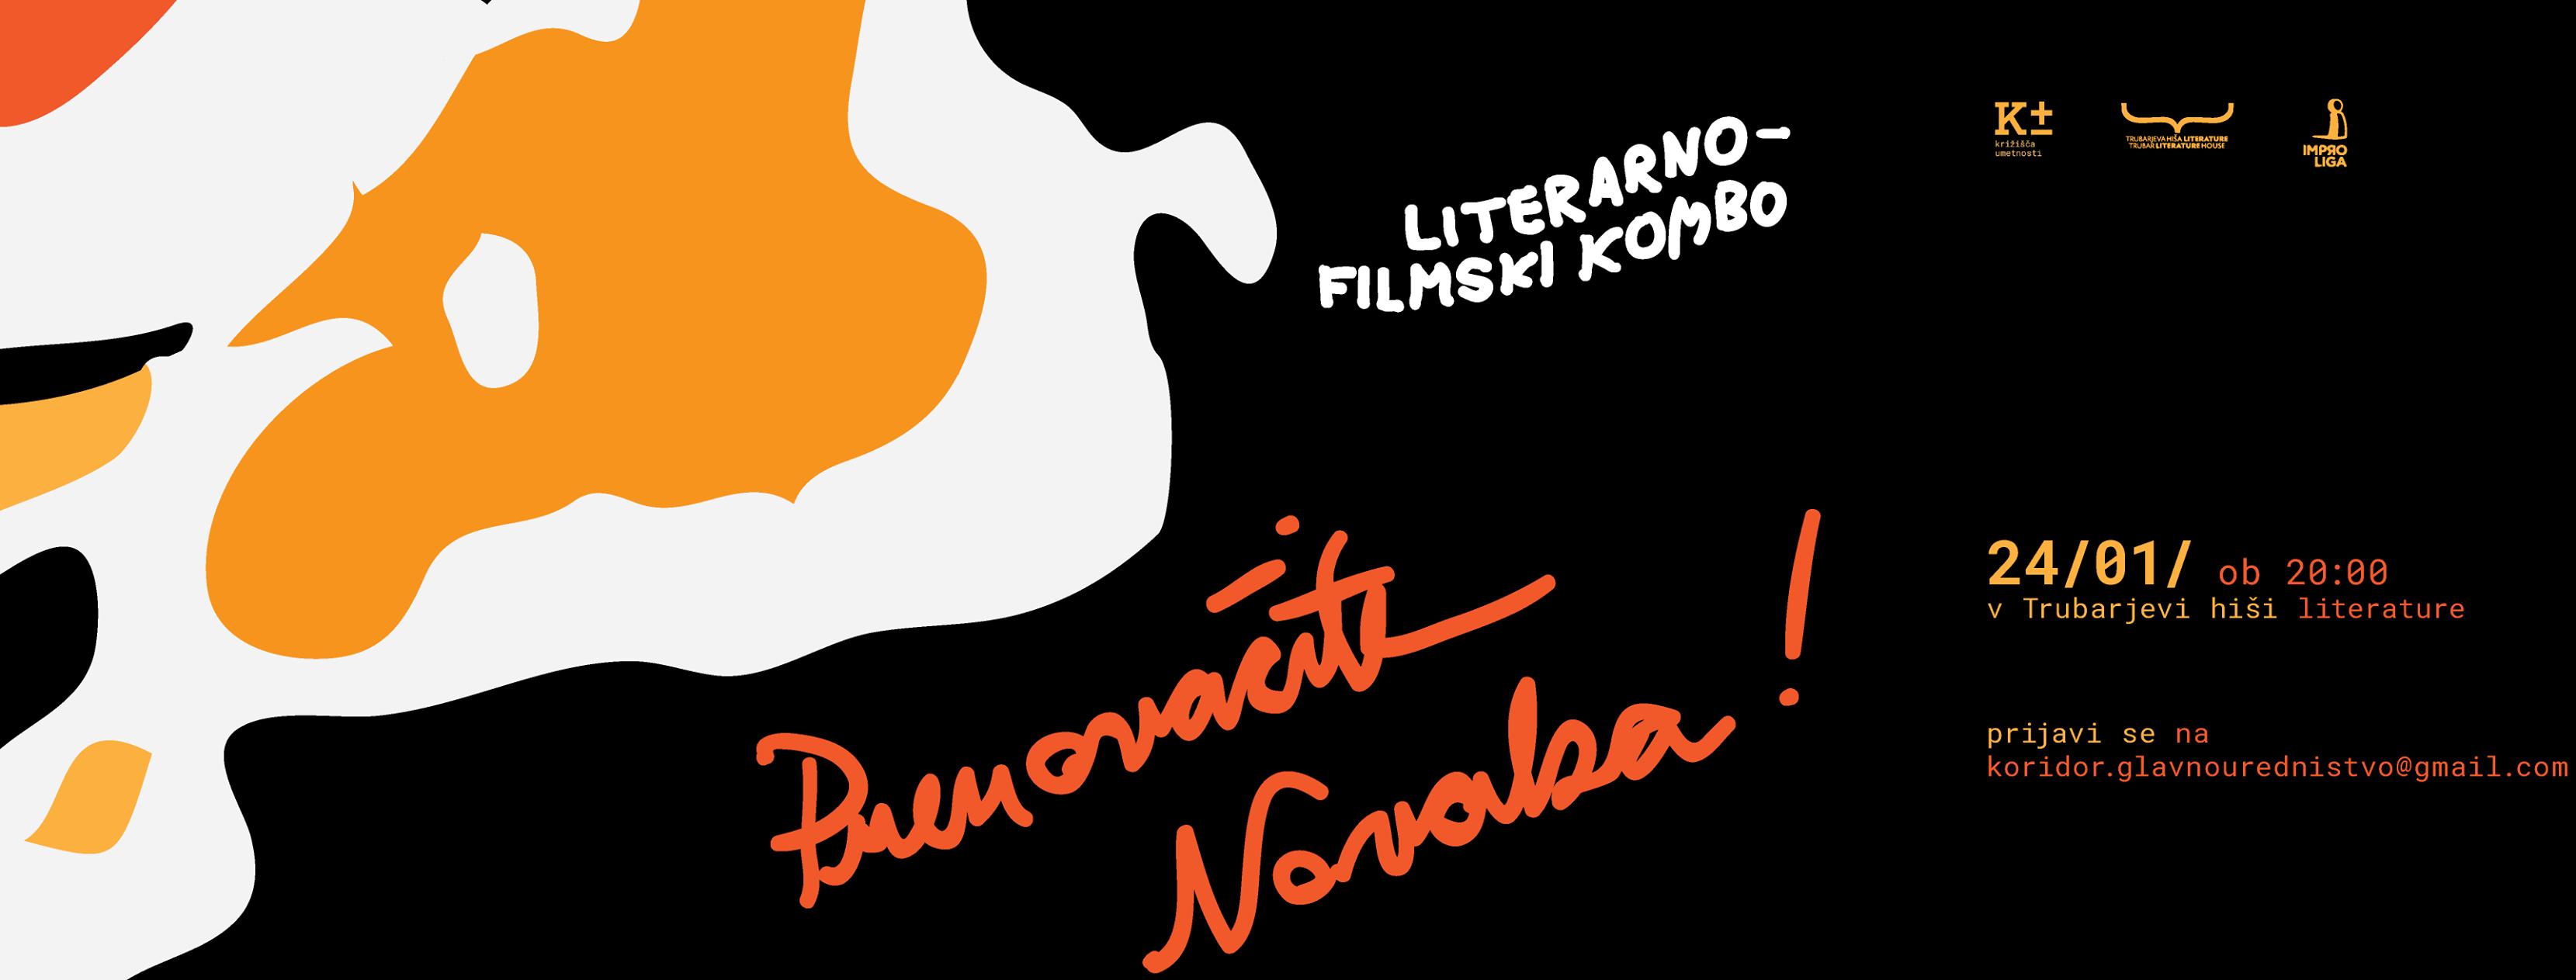 9. literarno-filmski kombo: Prenovačite Novaka